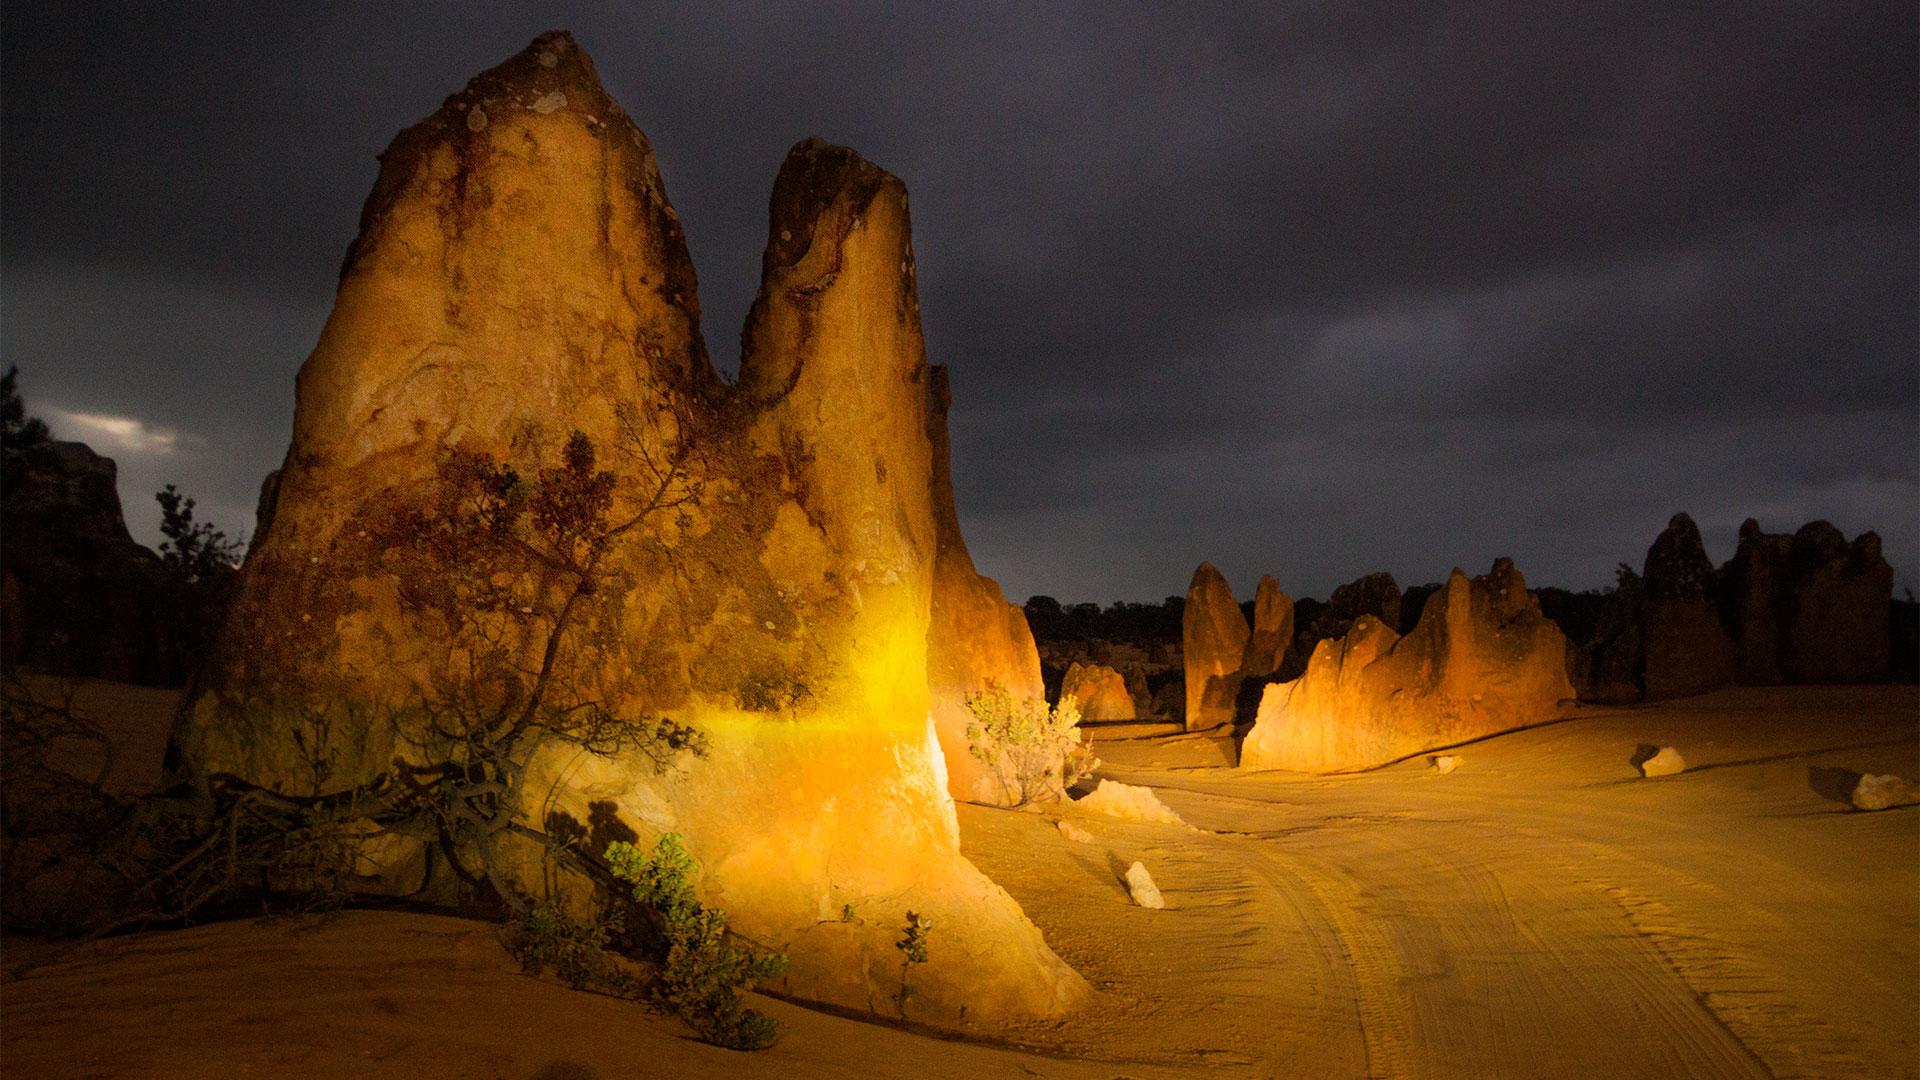 Außergewöhnliche Landschaft mit versteinerten Bäumen in einer Wüste